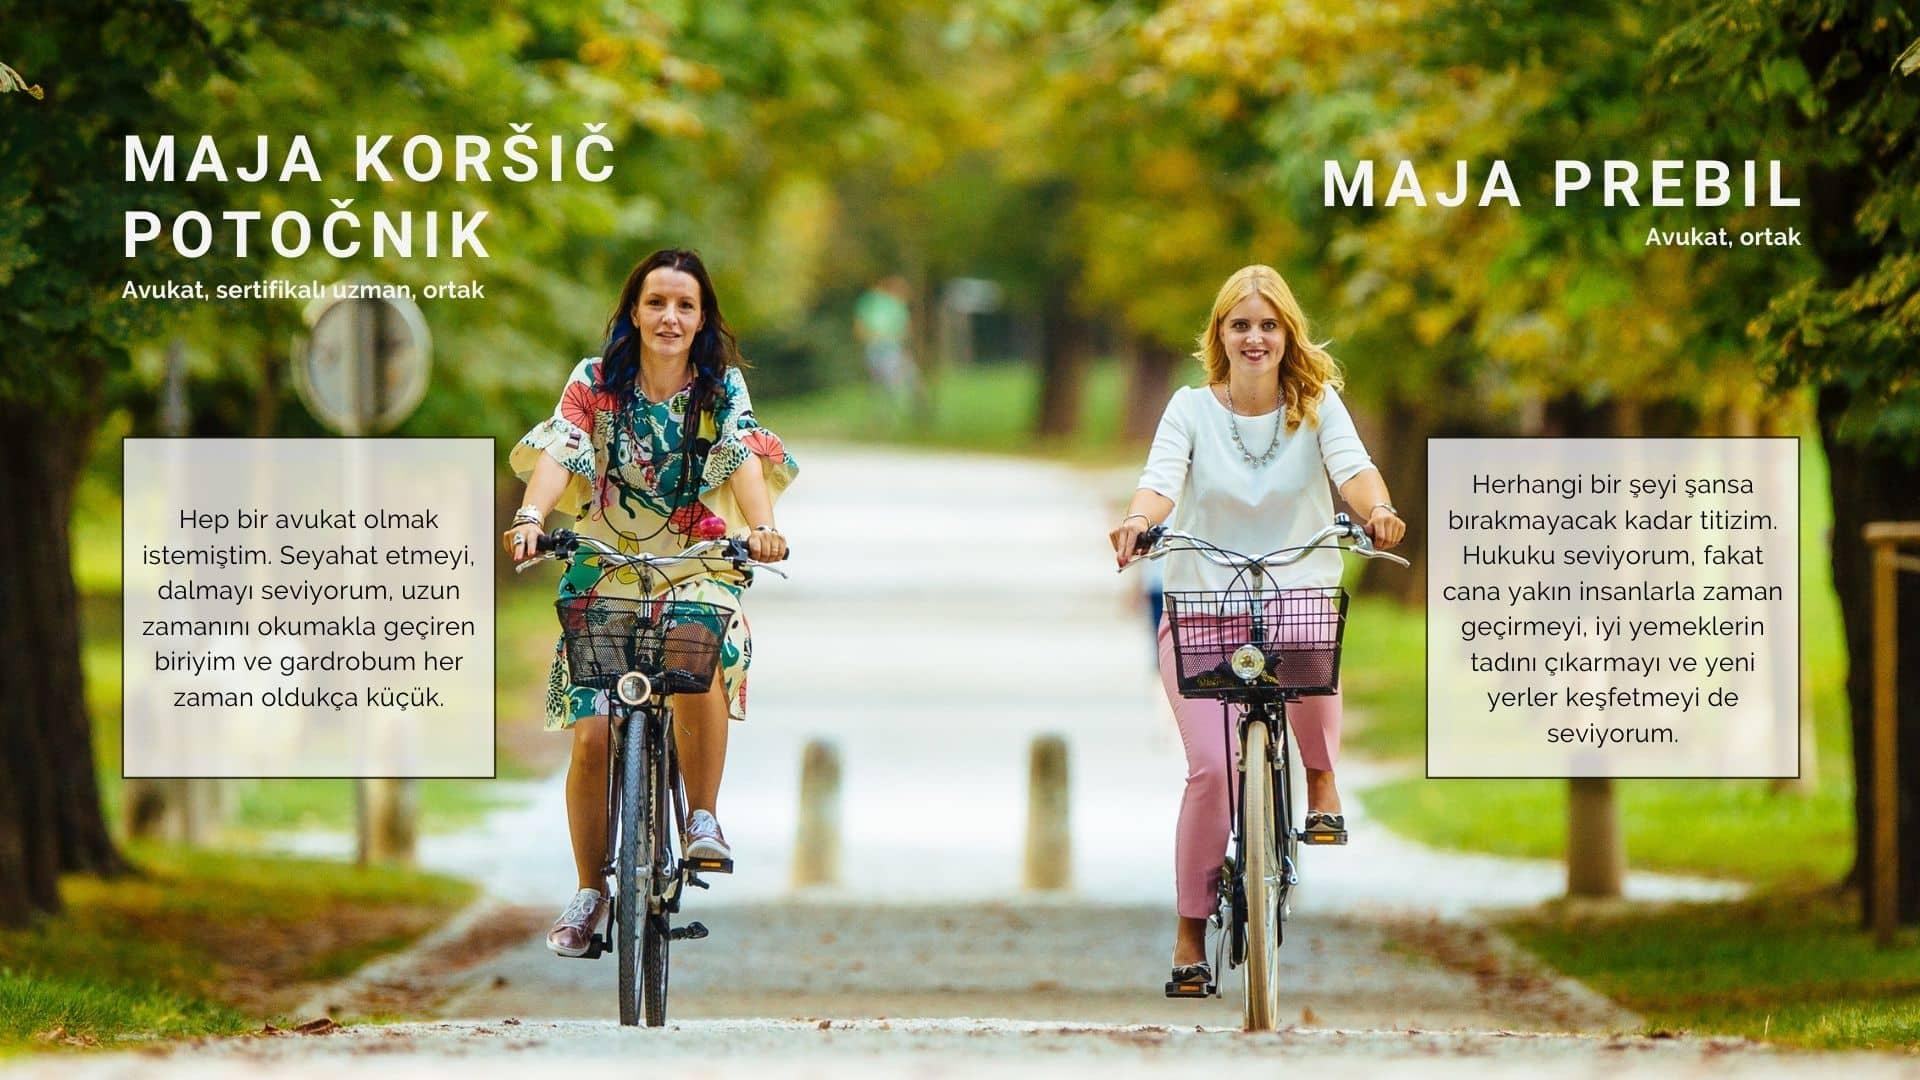 Maja K. Potočnik in Maja Prebil na kolesu